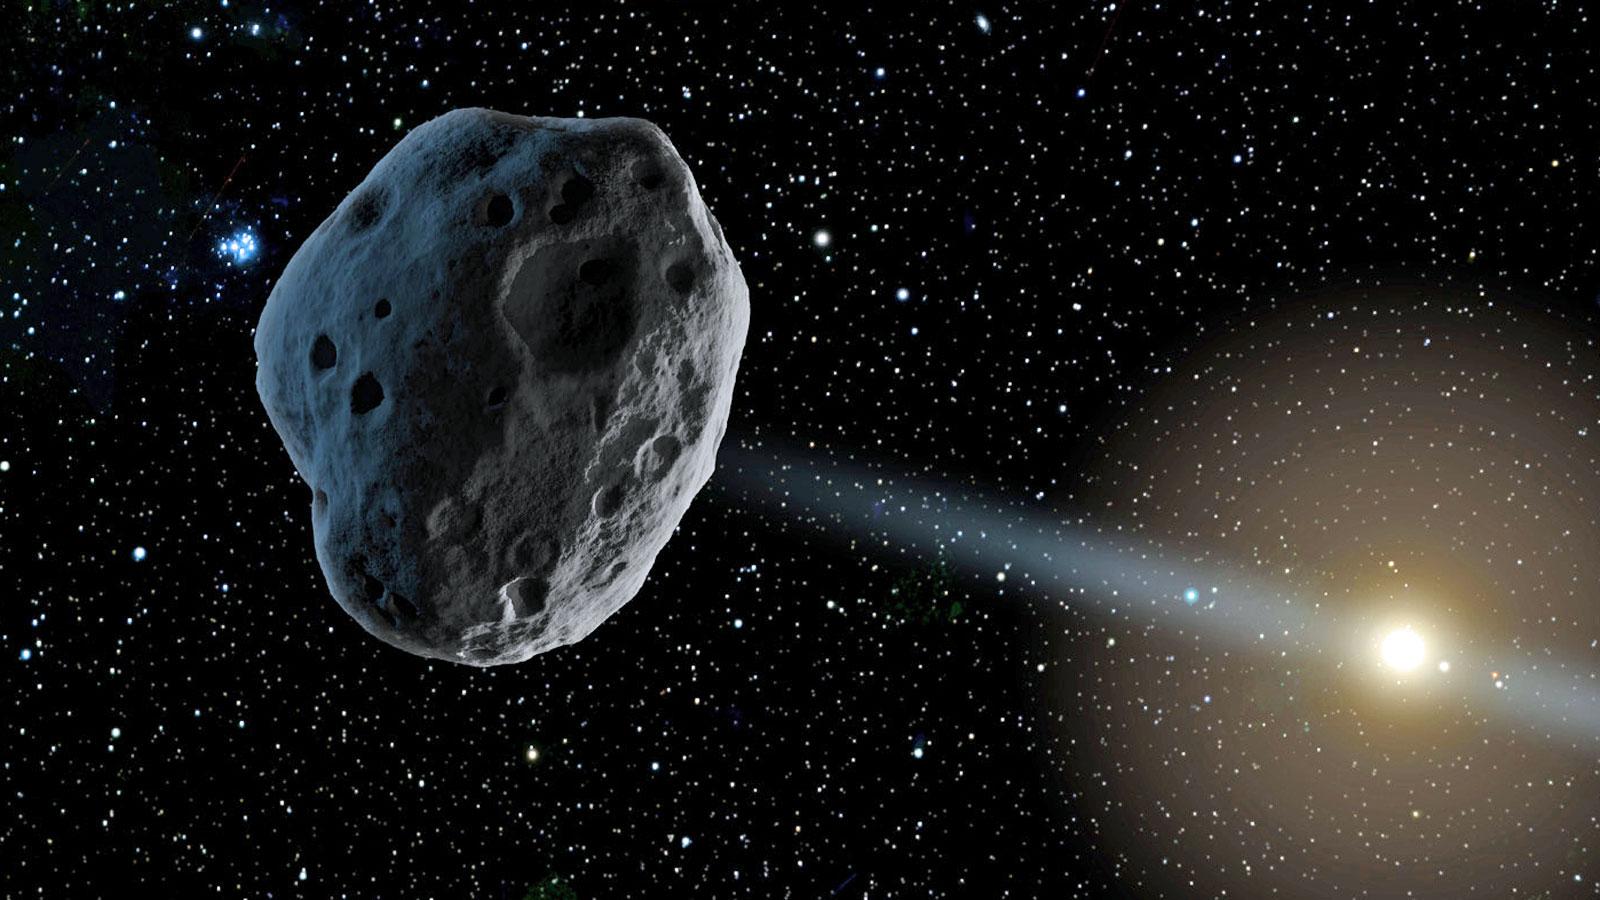 2020 SO asteroid mi uzay çöpü mü